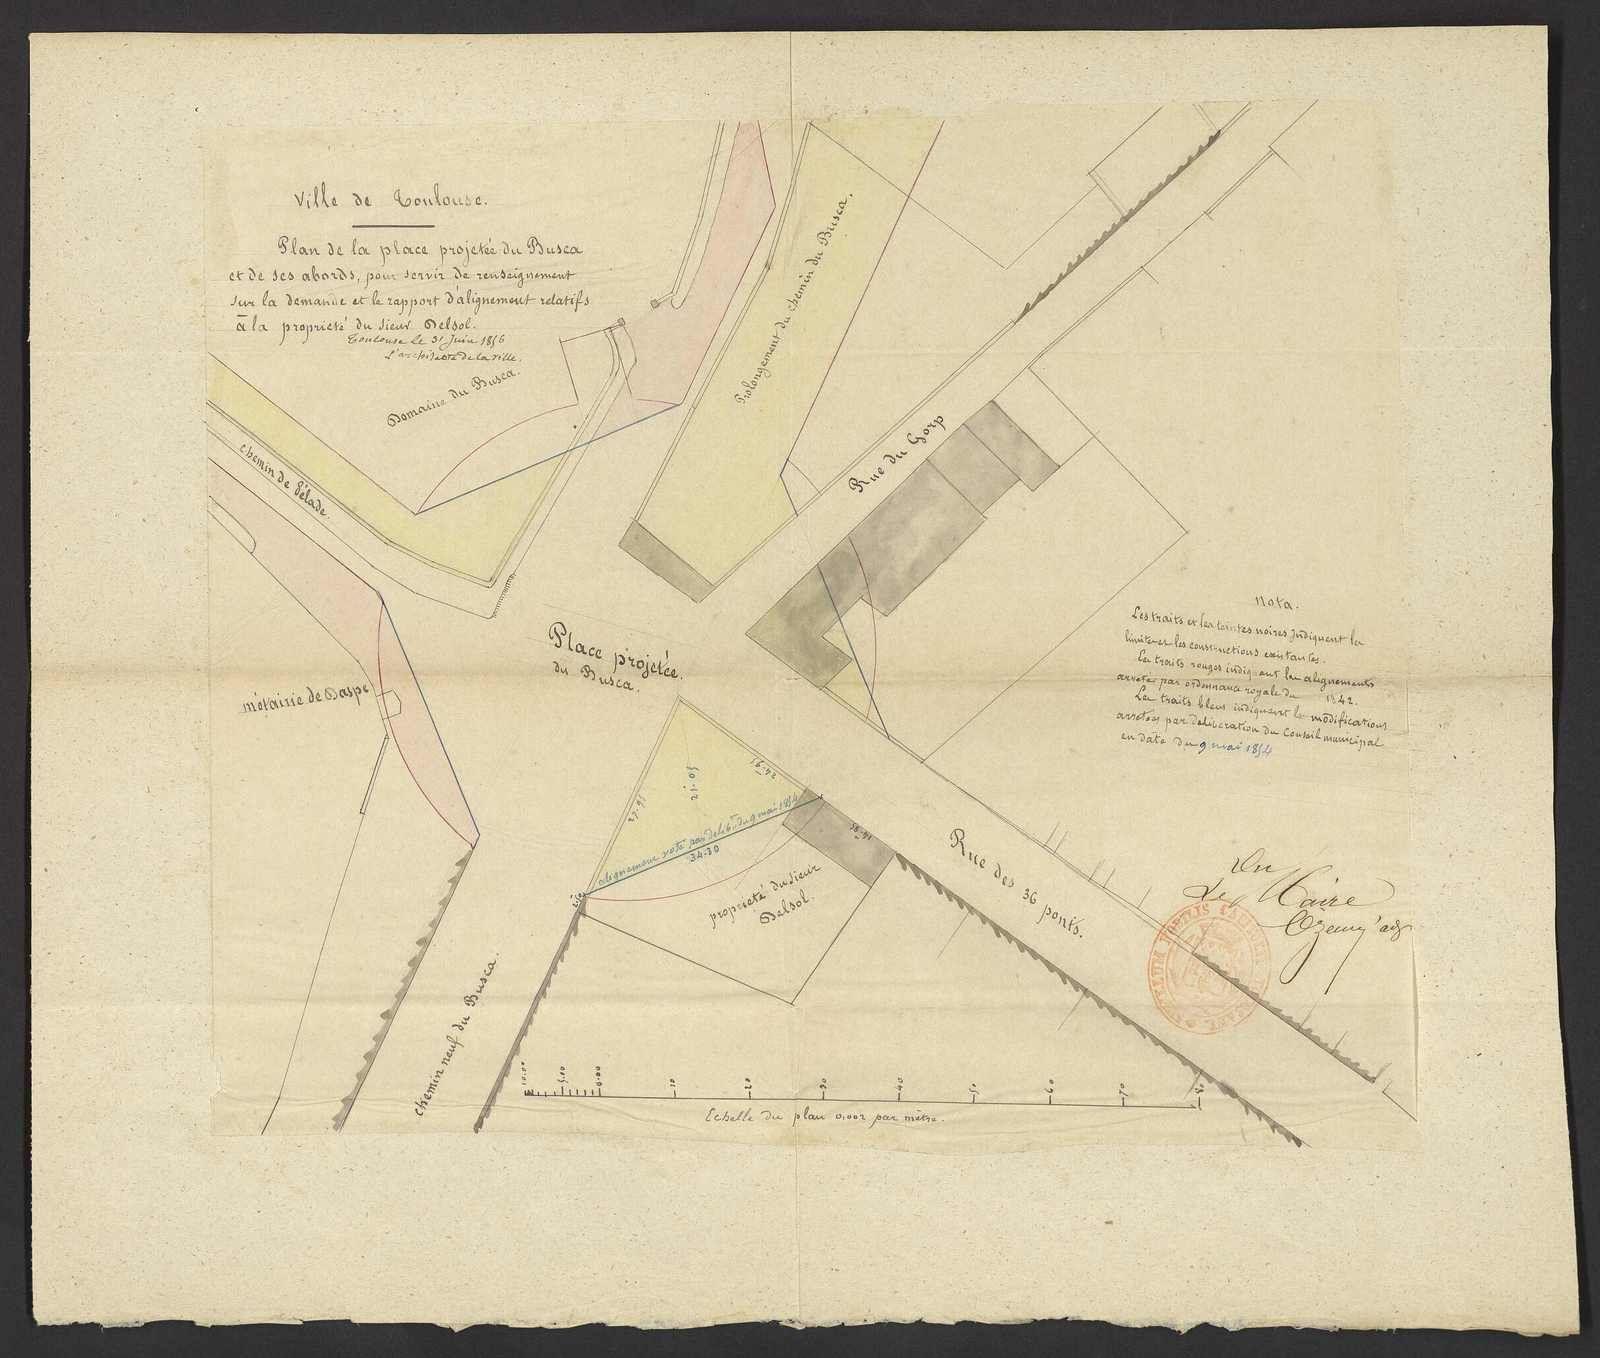 1856 -plan de la place du Busca - AMT 64Fi2094